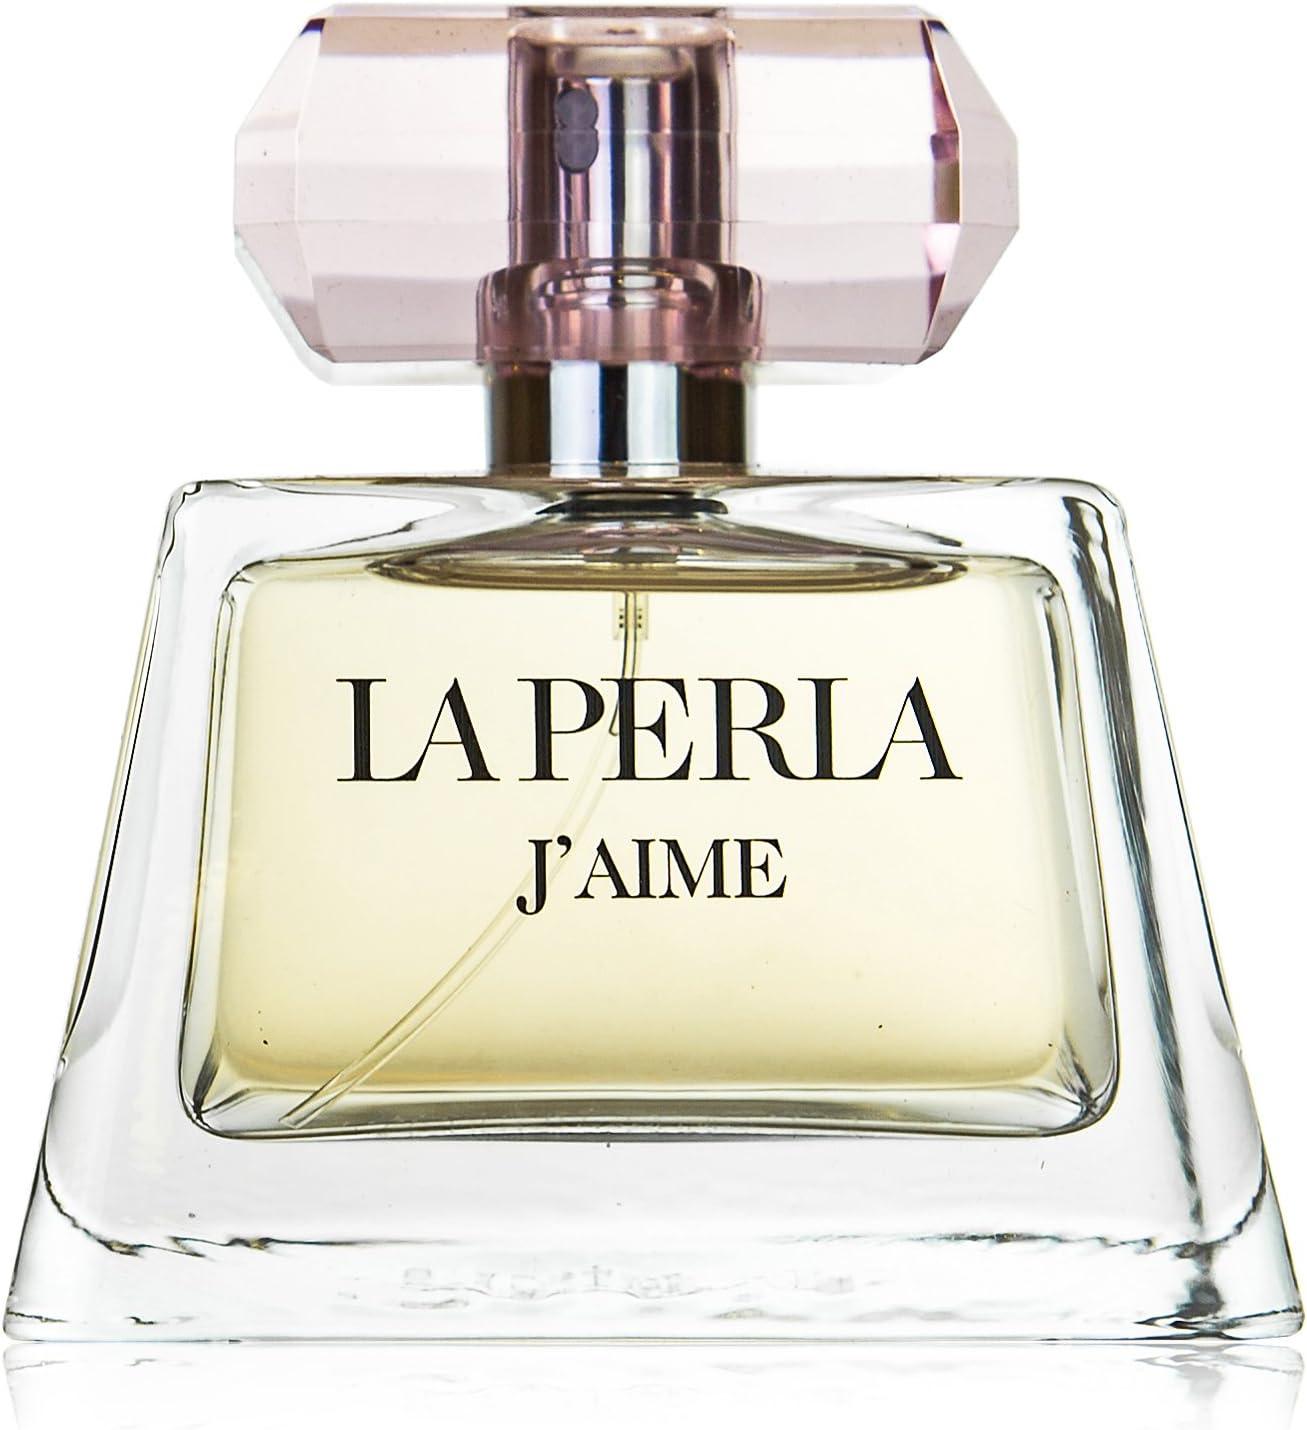 La Perla J'aime Eau De Parfum 30ml